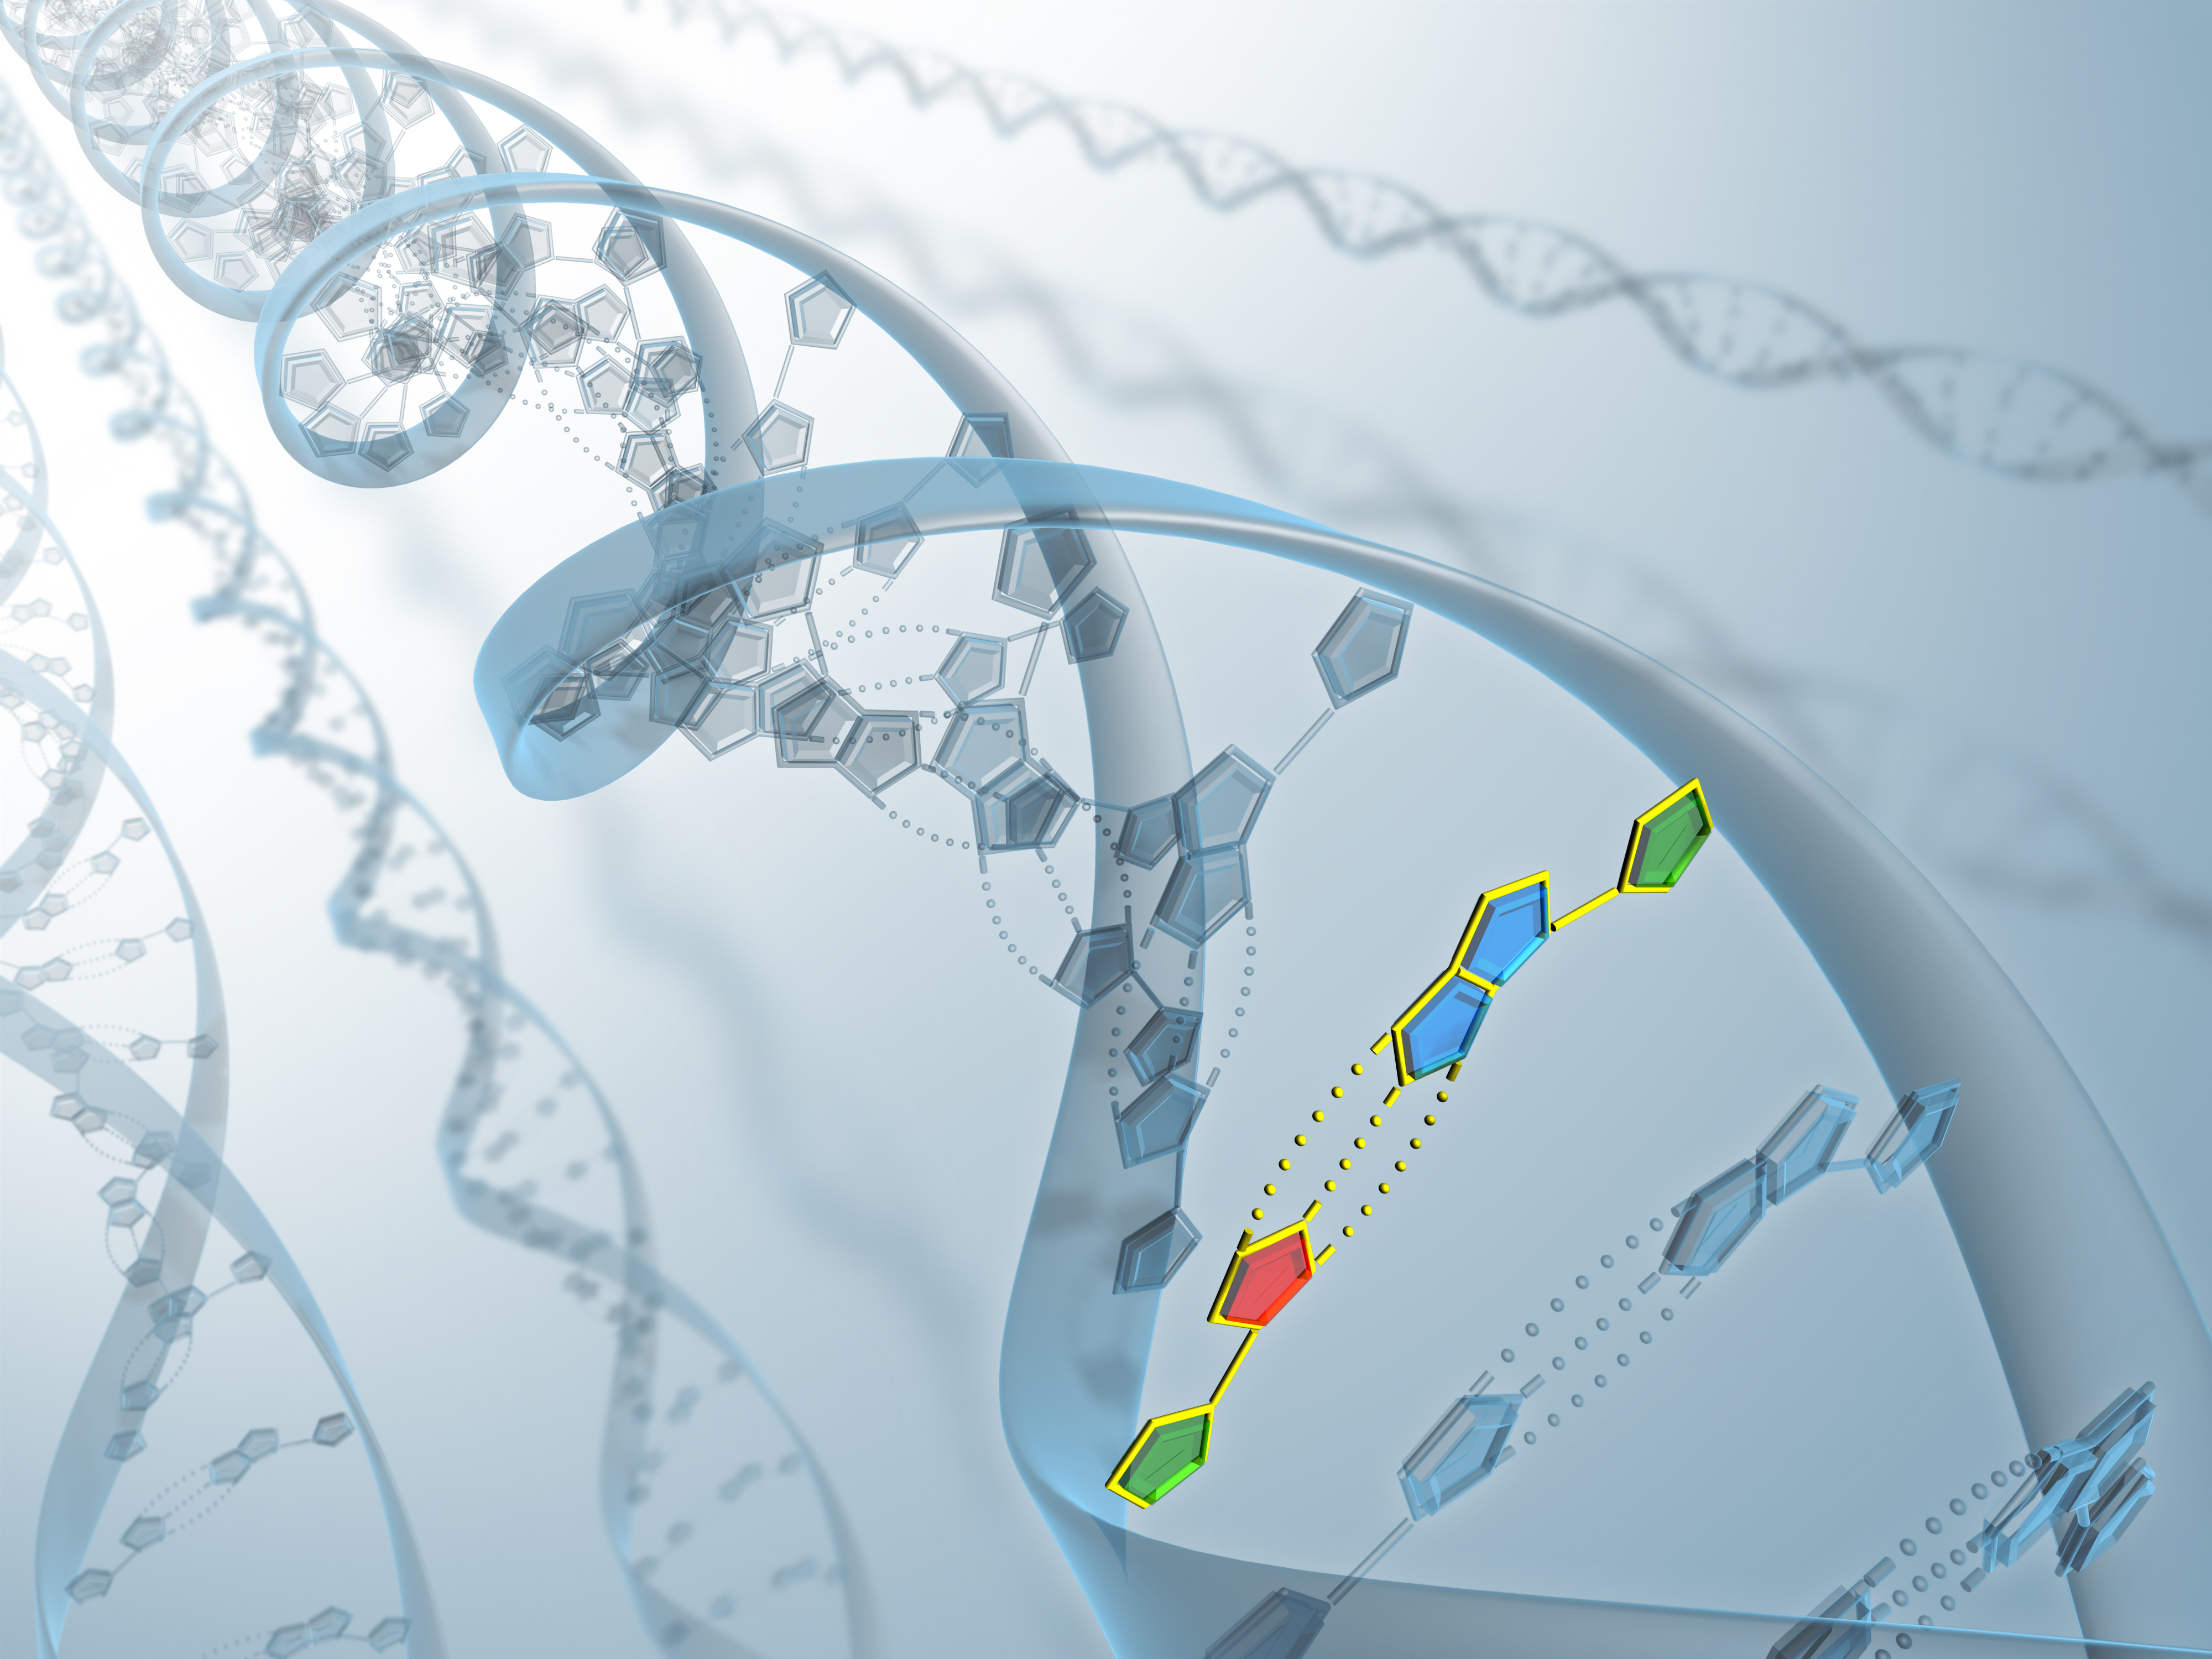 Científicos andaluces identifican fármacos con potencial terapéutico frente al Covid-19